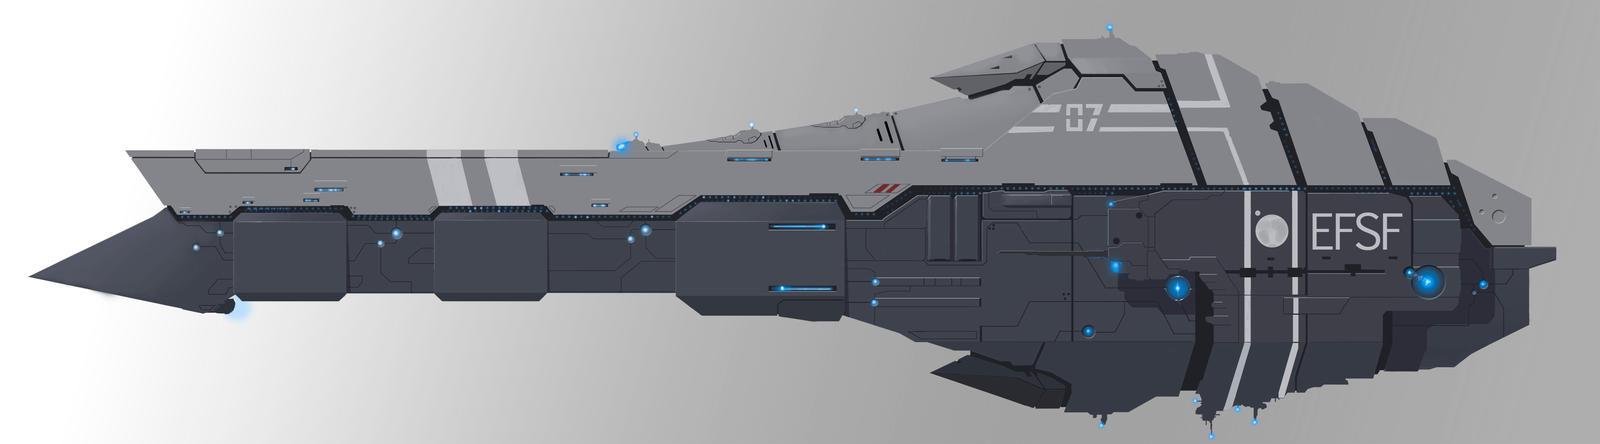 EFSF Battleship by Ivkol